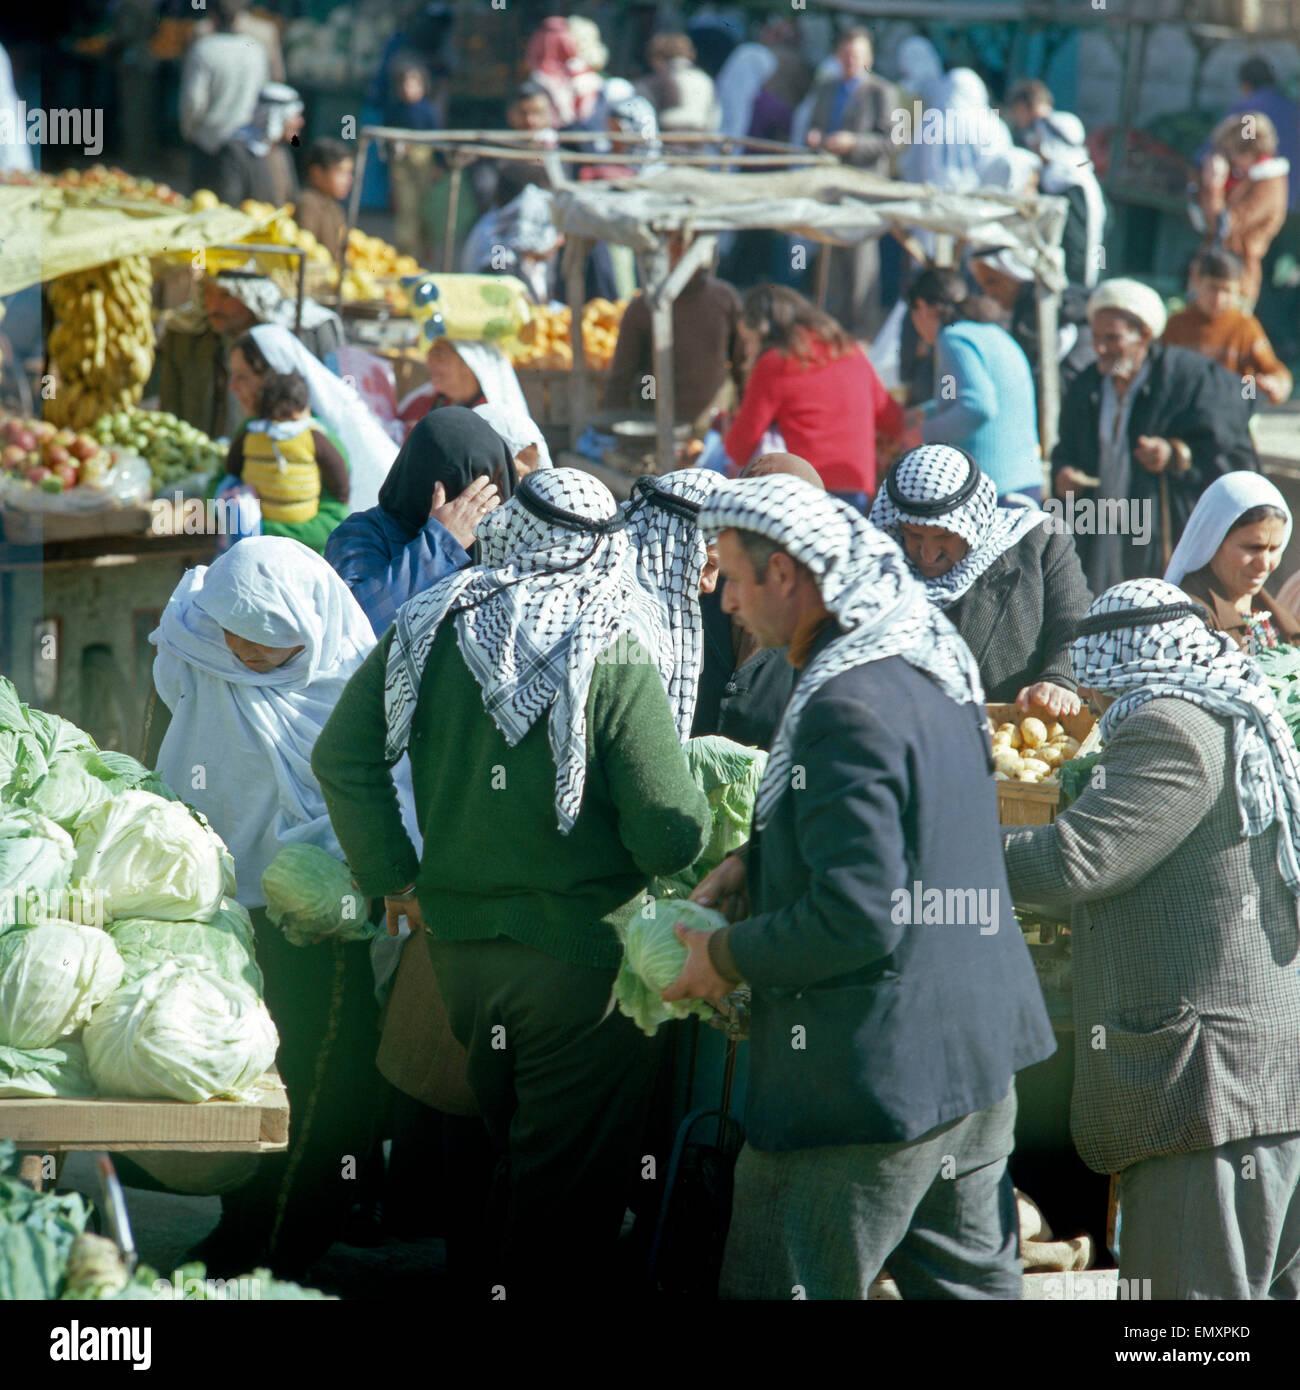 Käufer Und Verkäufer bin Obst-Und Gemüsestand Auf Dem Beduinenmarkt in Beer Sheba, Israel Ende 1970er Stockbild